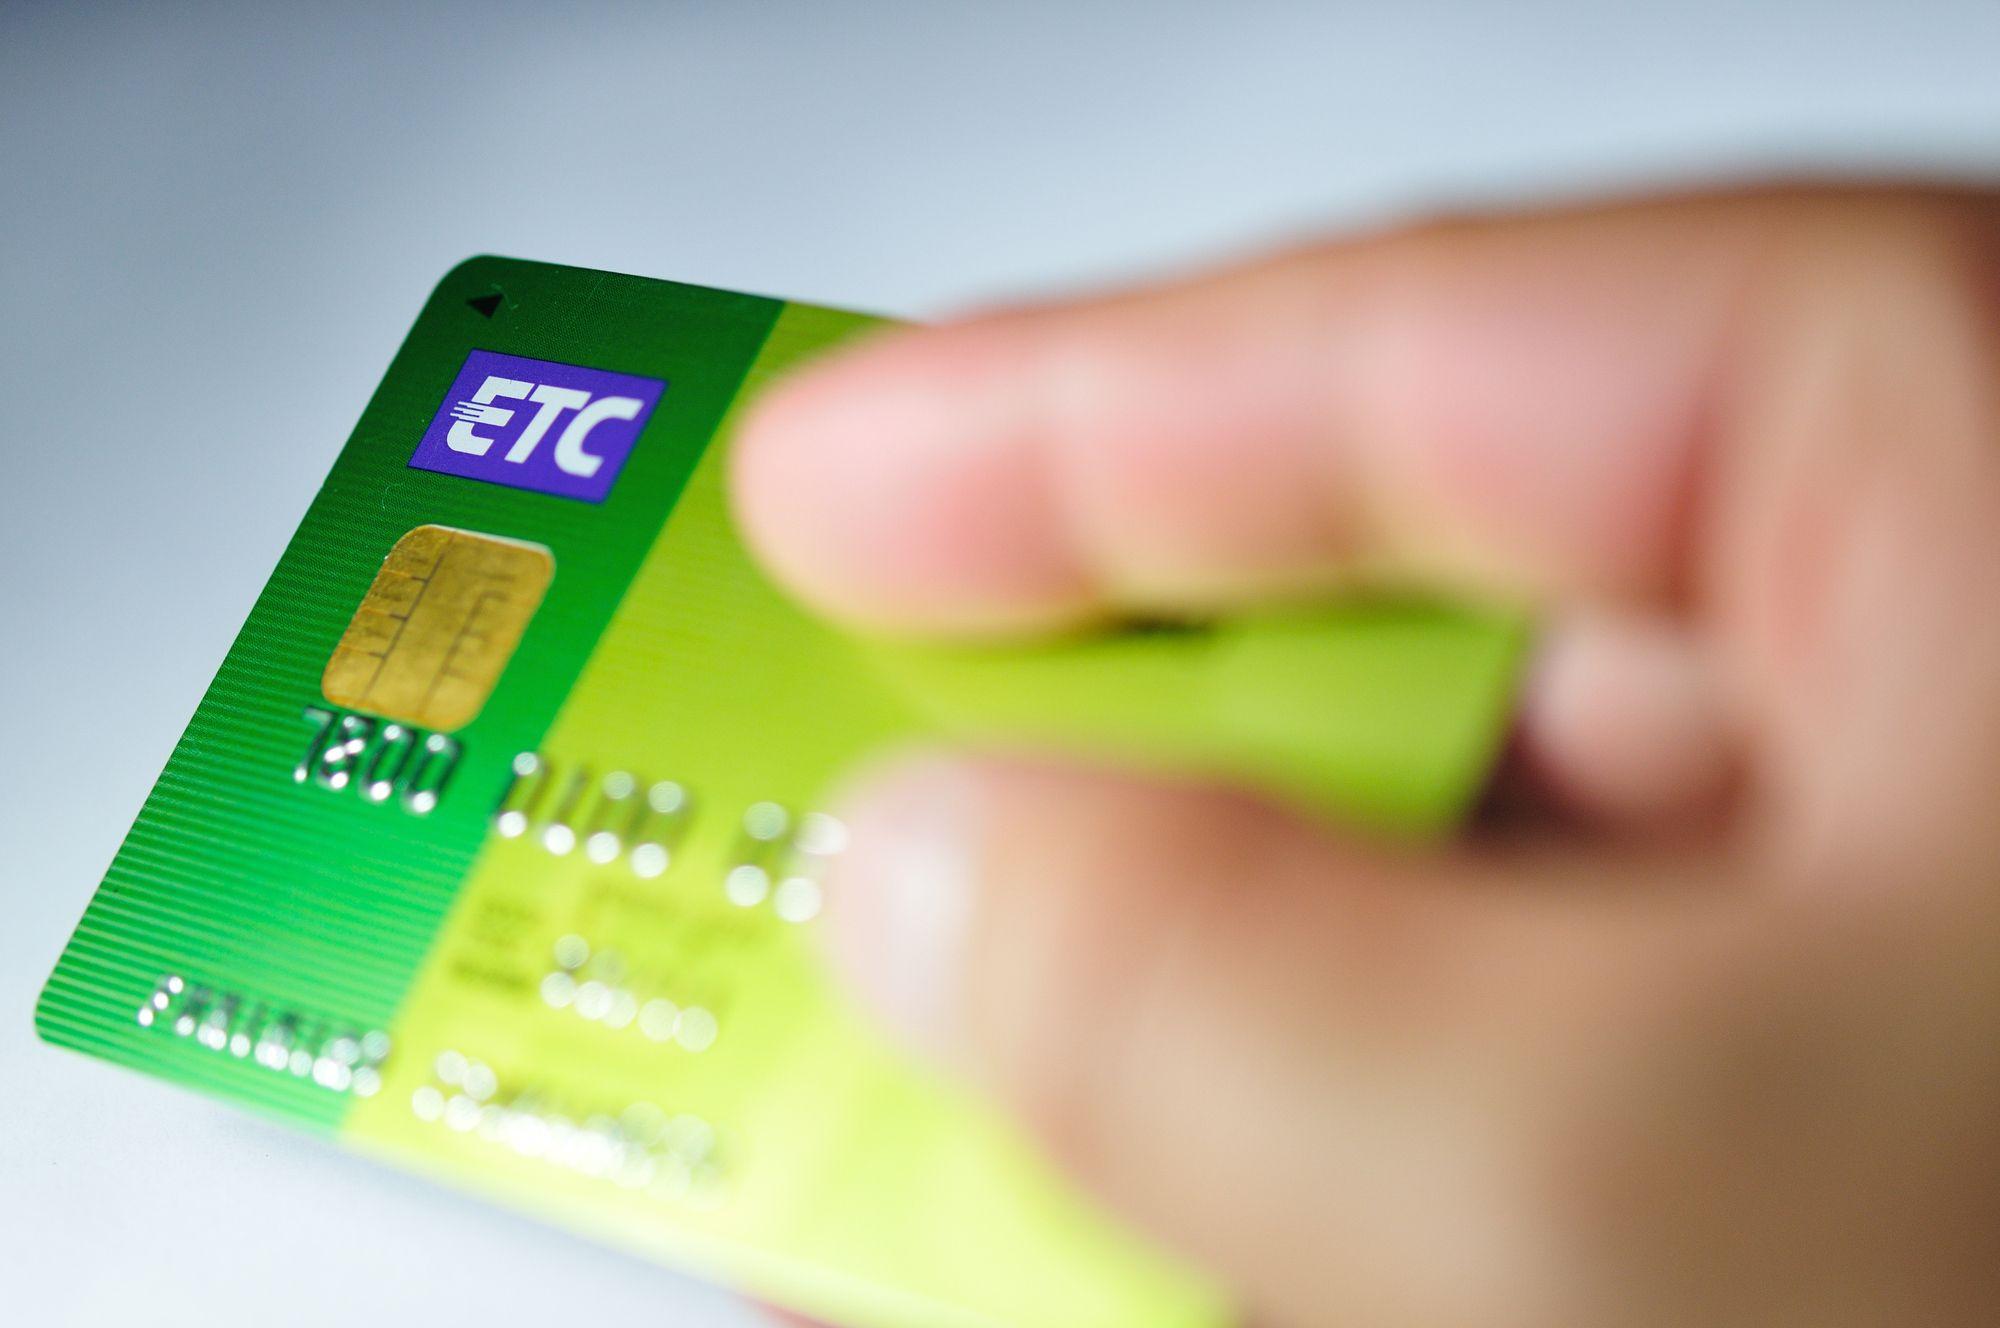 法人ETCカード徹底比較!年会費・付帯サービスから見たおすすめカード9選